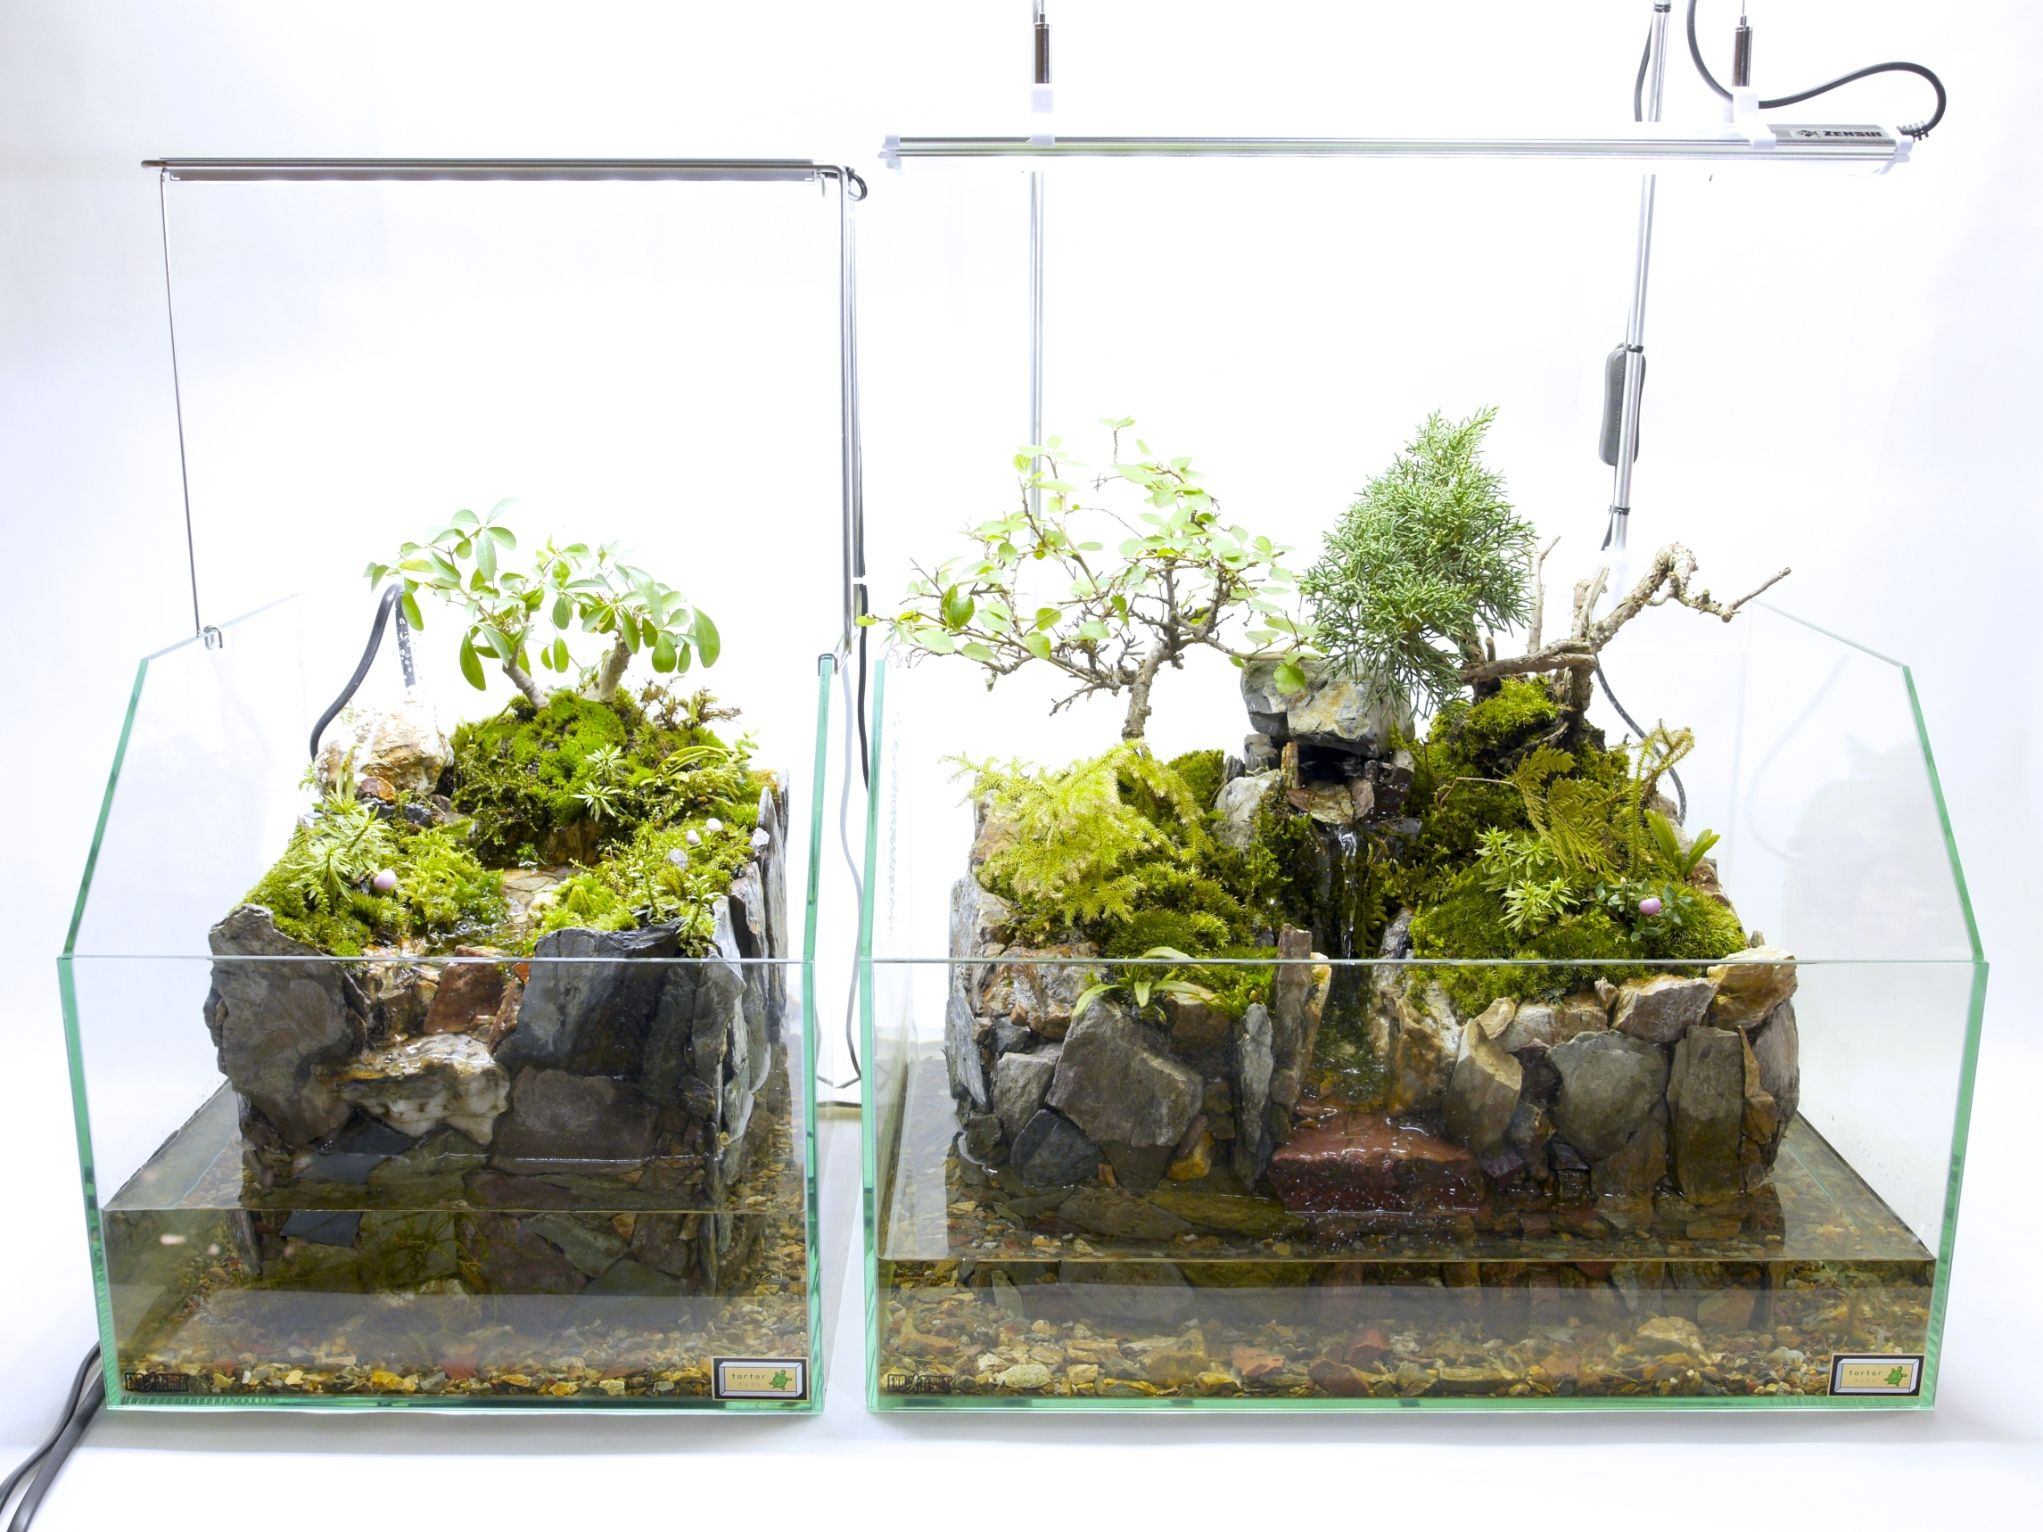 Pin by lukáš wicha on terrariums mosses etc in pinterest